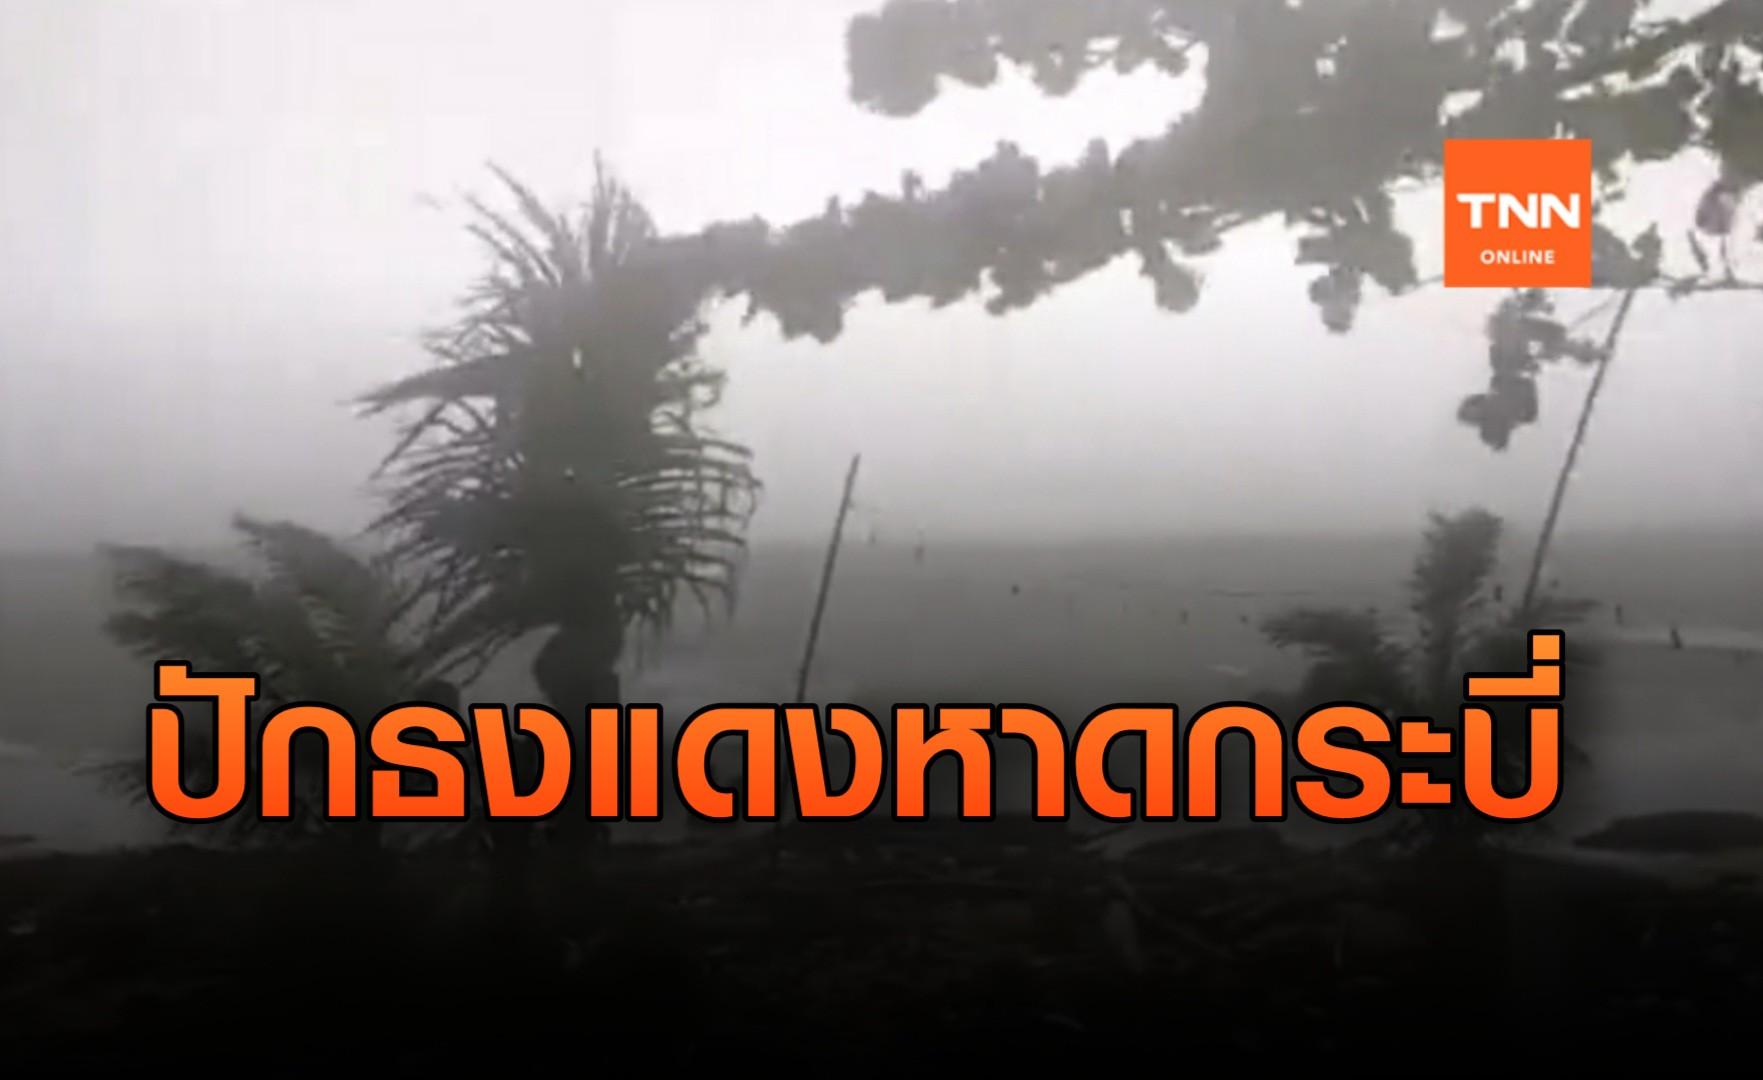 อิทธิพลพายุโนอึล! กระบี่คลื่นลมแรง ติดธงแดงเตือนนักท่องเที่ยว